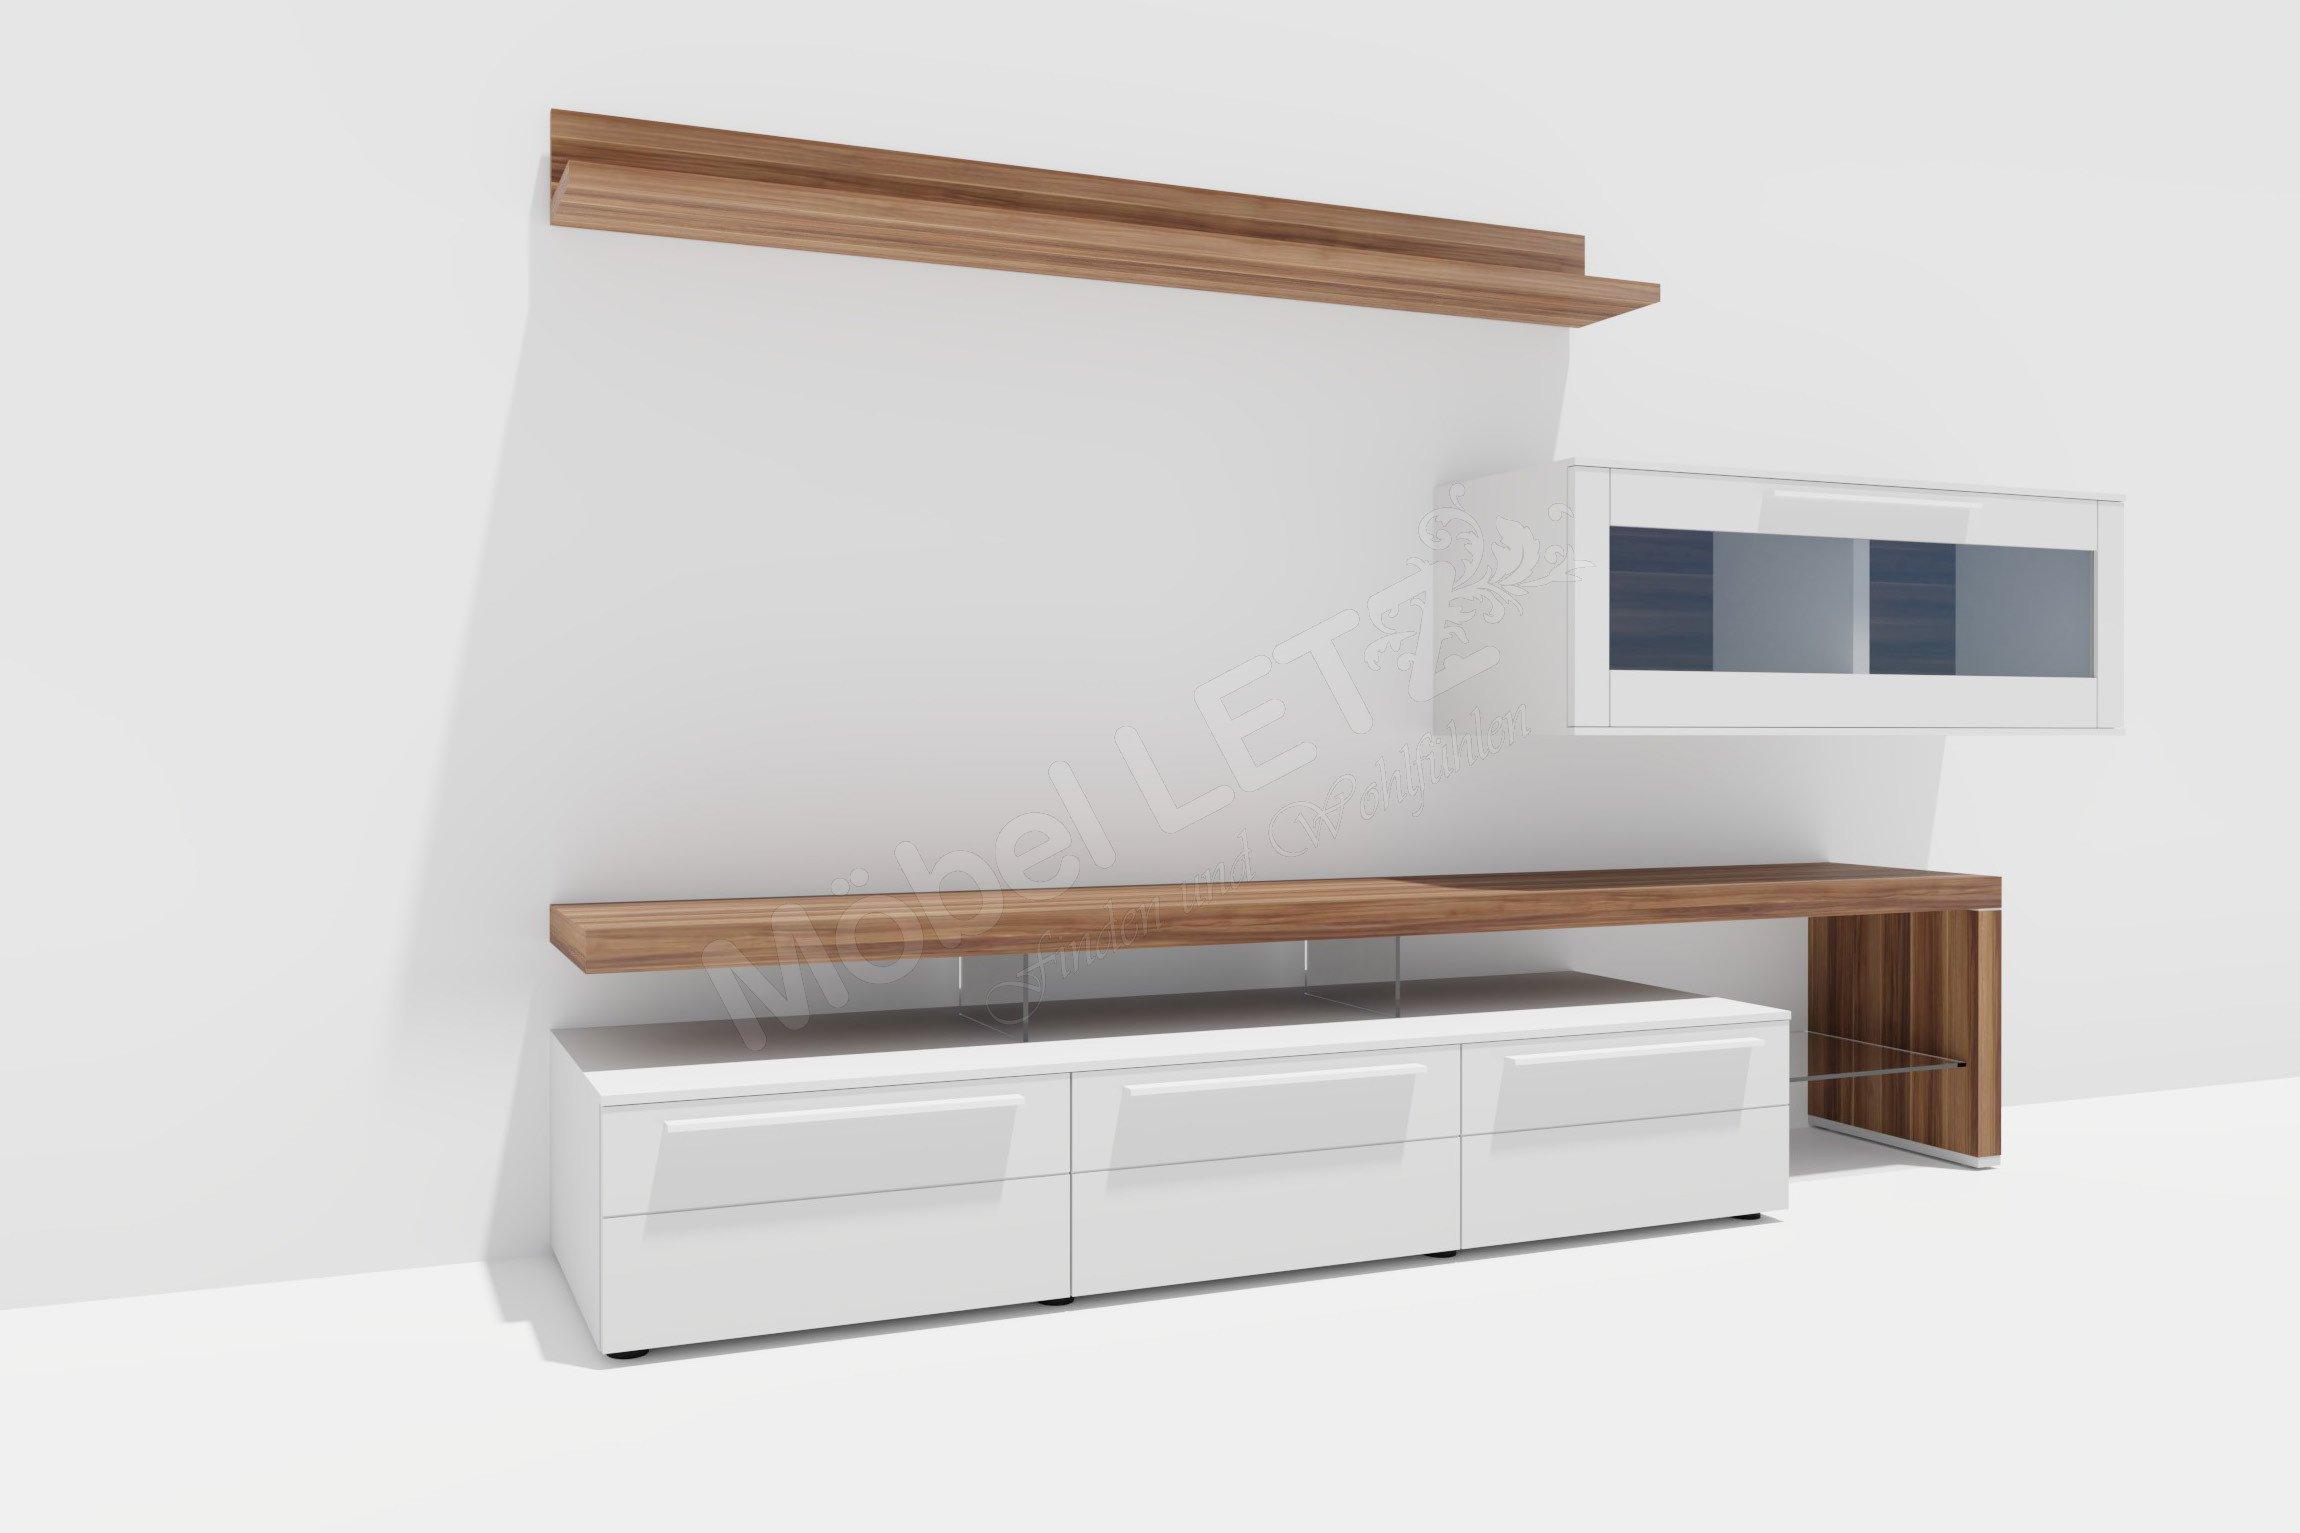 gwinner wohnwand bellano be 24 wei nussbaum m bel letz ihr online shop. Black Bedroom Furniture Sets. Home Design Ideas